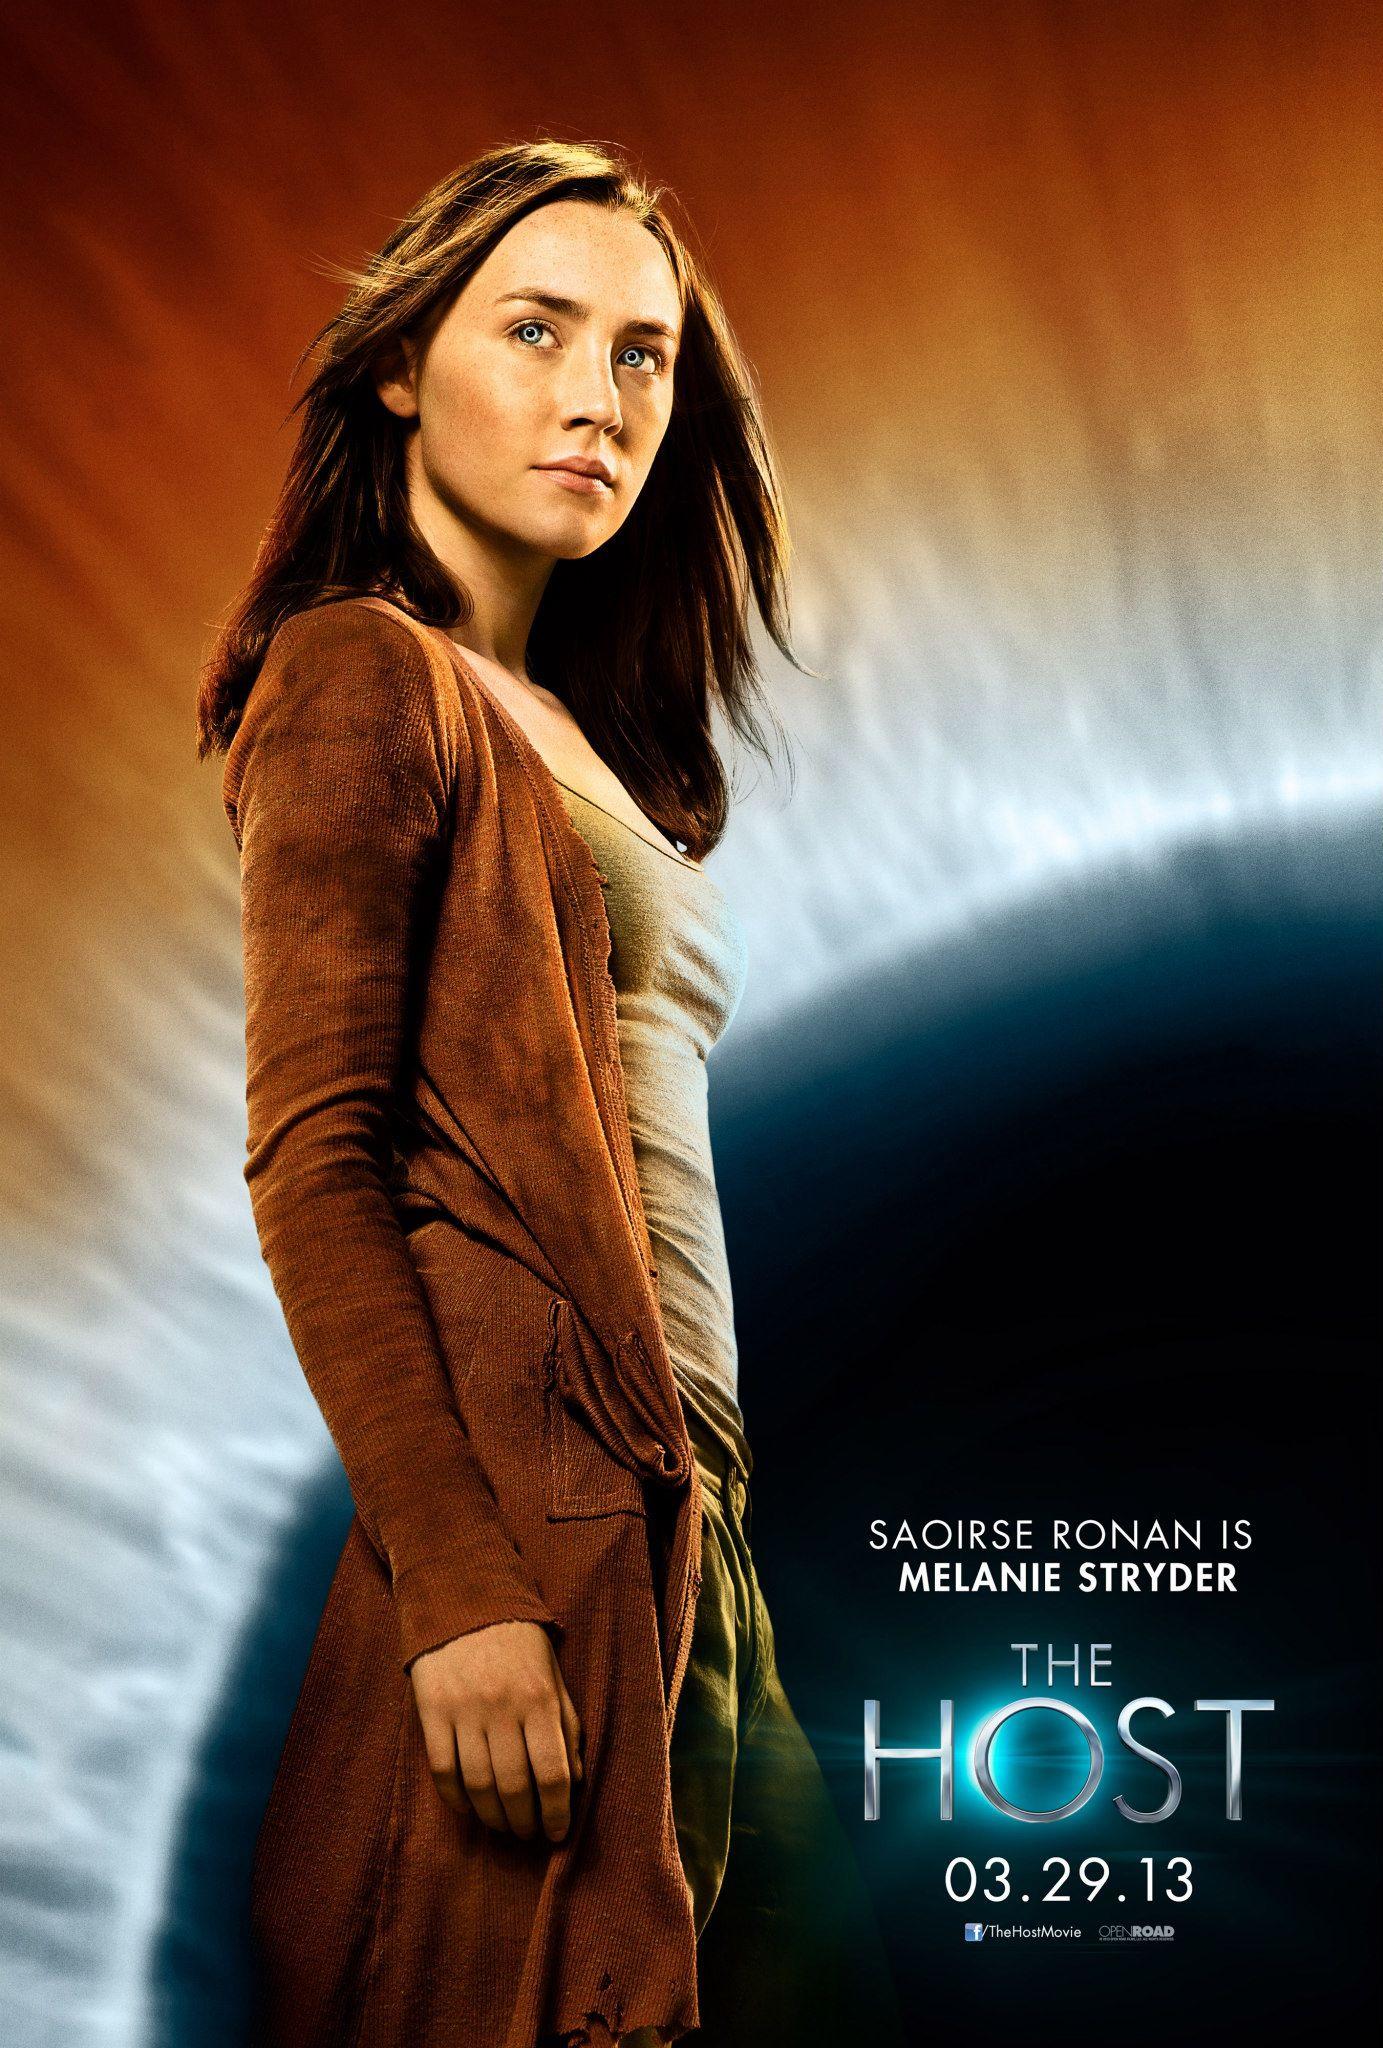 The Host - Movie Poster #3 (Original)